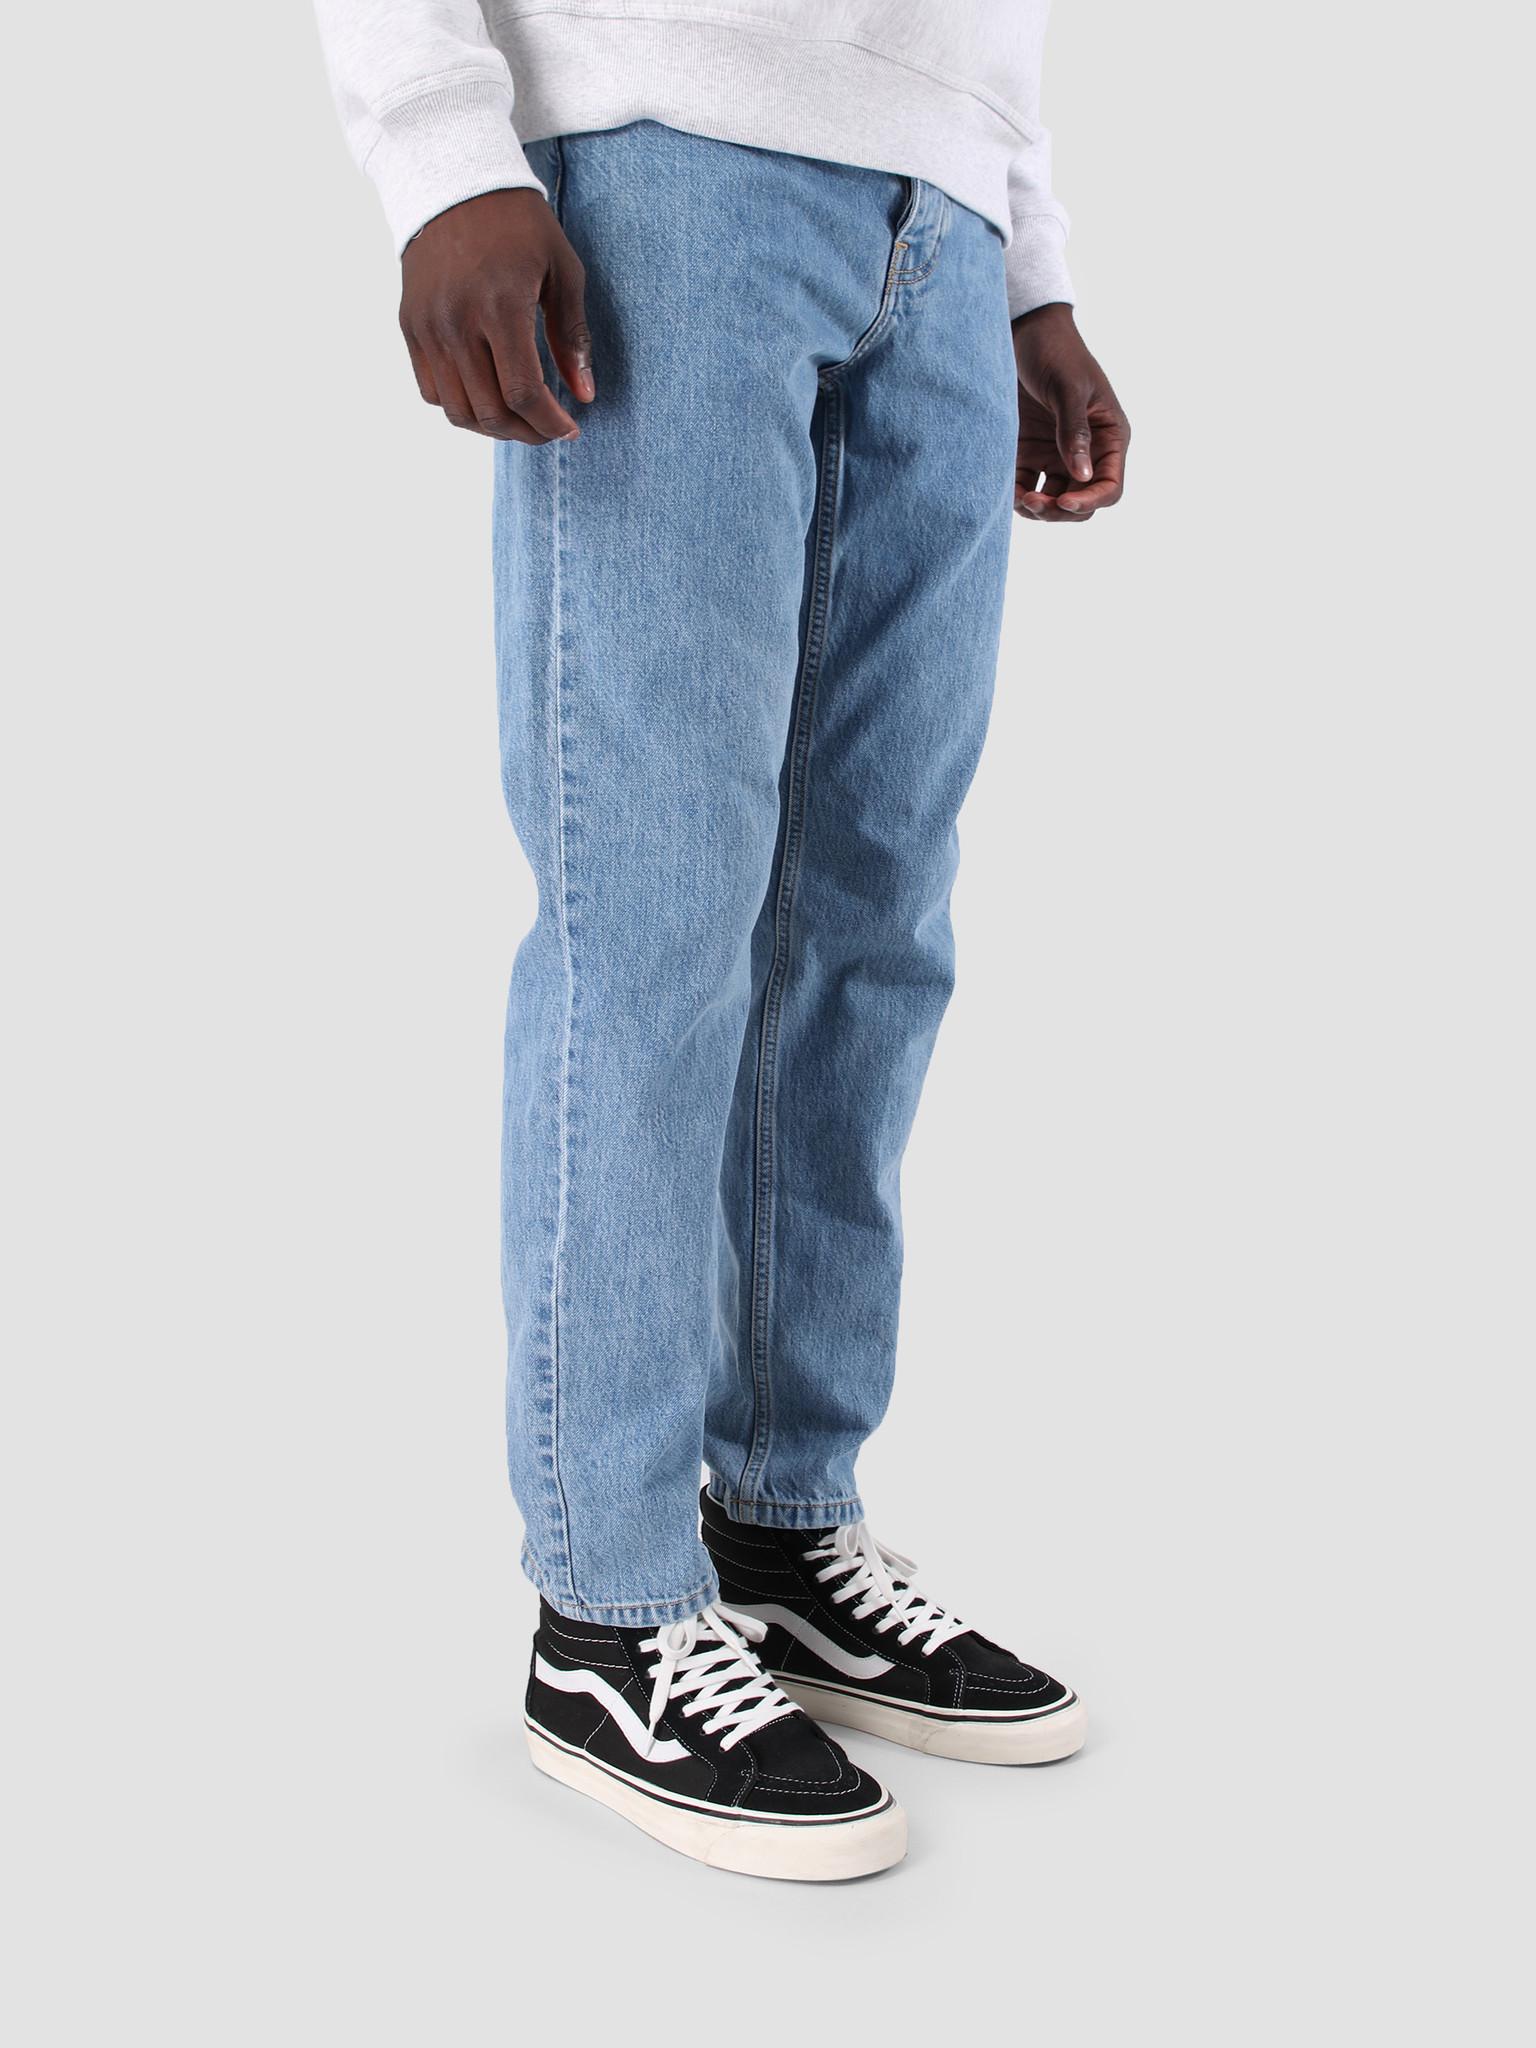 Carhartt WIP Carhartt WIP Newel Pant Stone Bleached Blue I024904-112